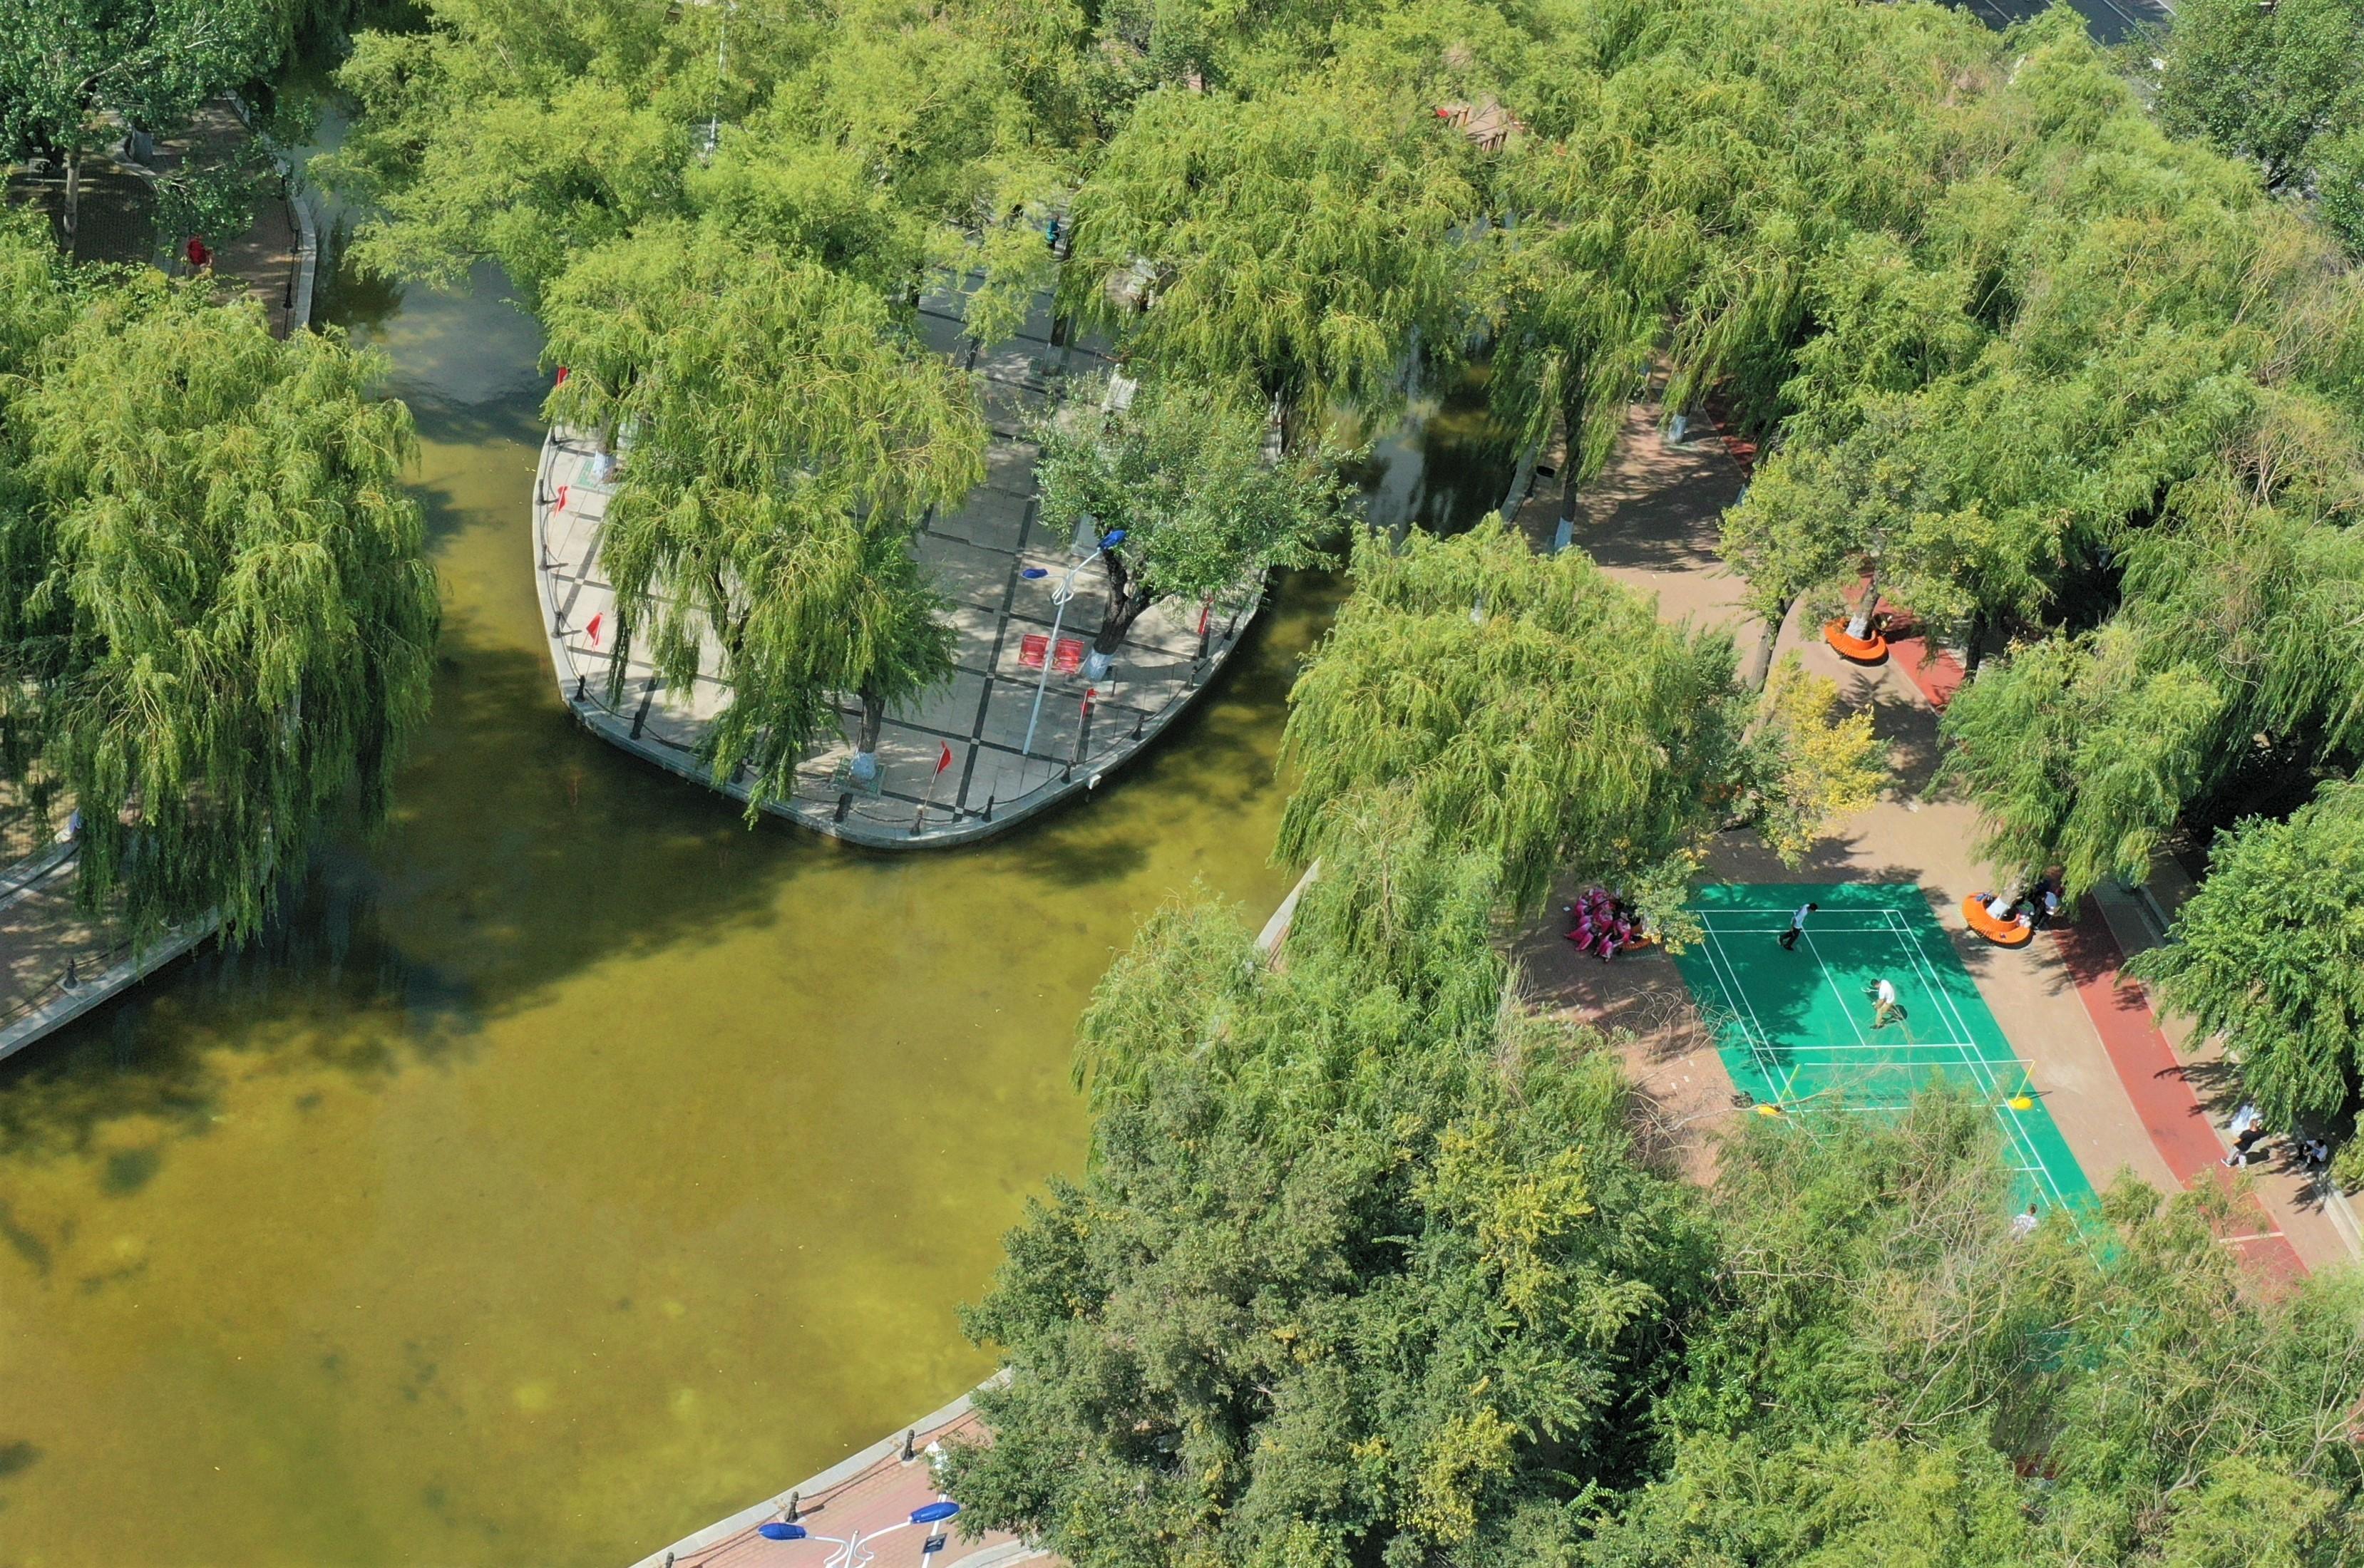 建国公园人工湖边增设羽毛球场地